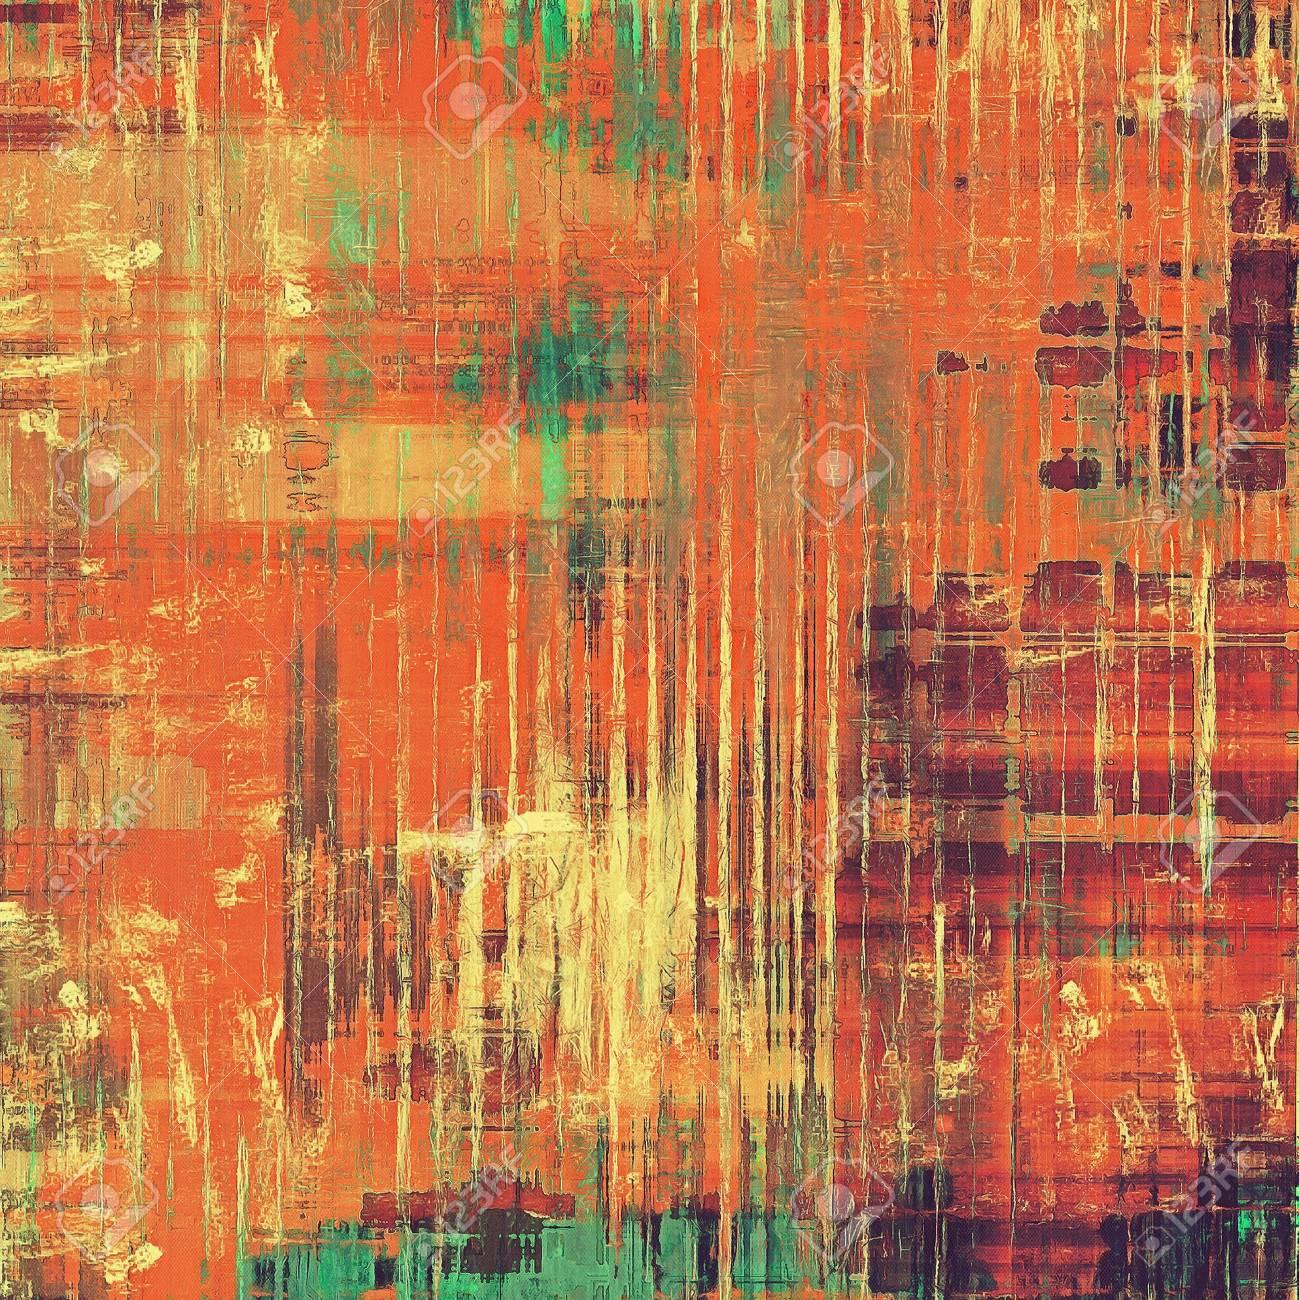 Vintage Fond Texture Avec Differents Modeles De Couleur Jaune Beige Rouge Orange Verte Pourpre Violet Banque D Images Et Photos Libres De Droits Image 41089307